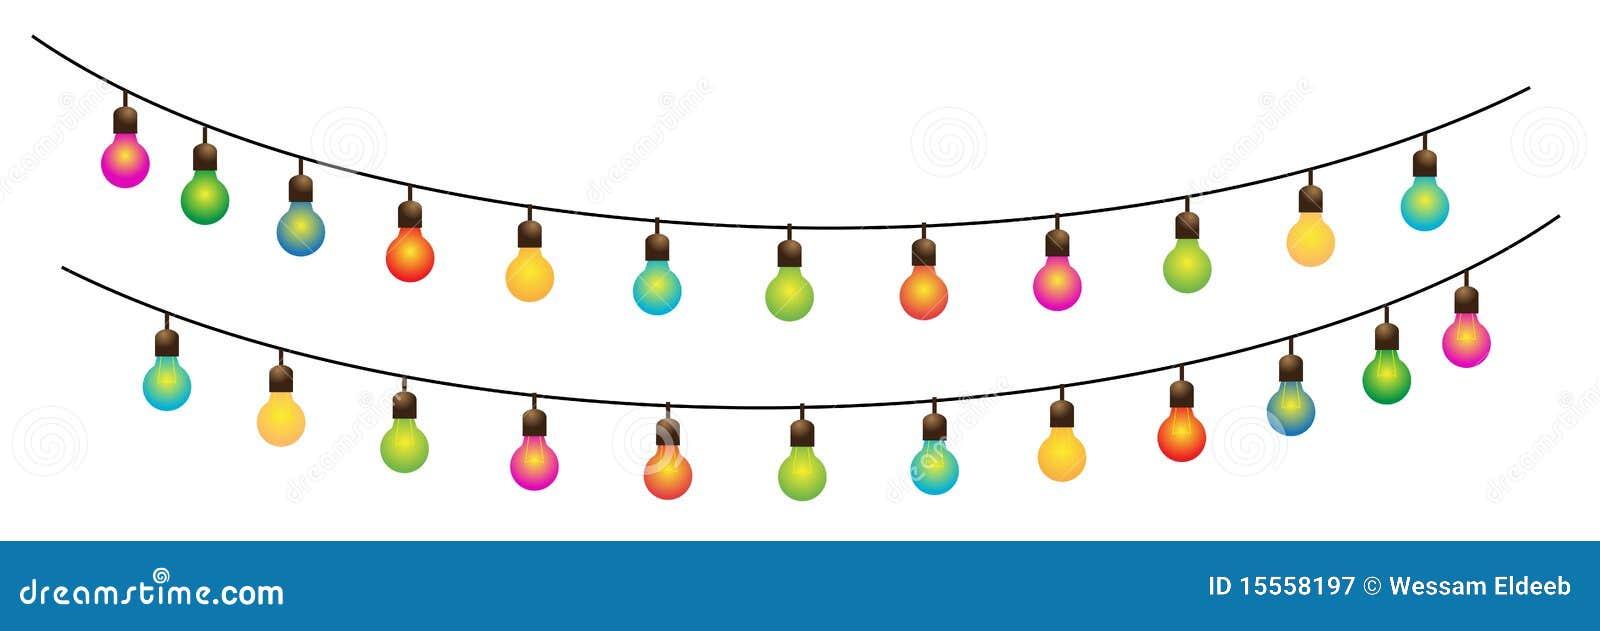 Ramadan gekleurde decoratie 3 van de straat van lampen royalty vrije stock fotografie - Oostelijk licht ...